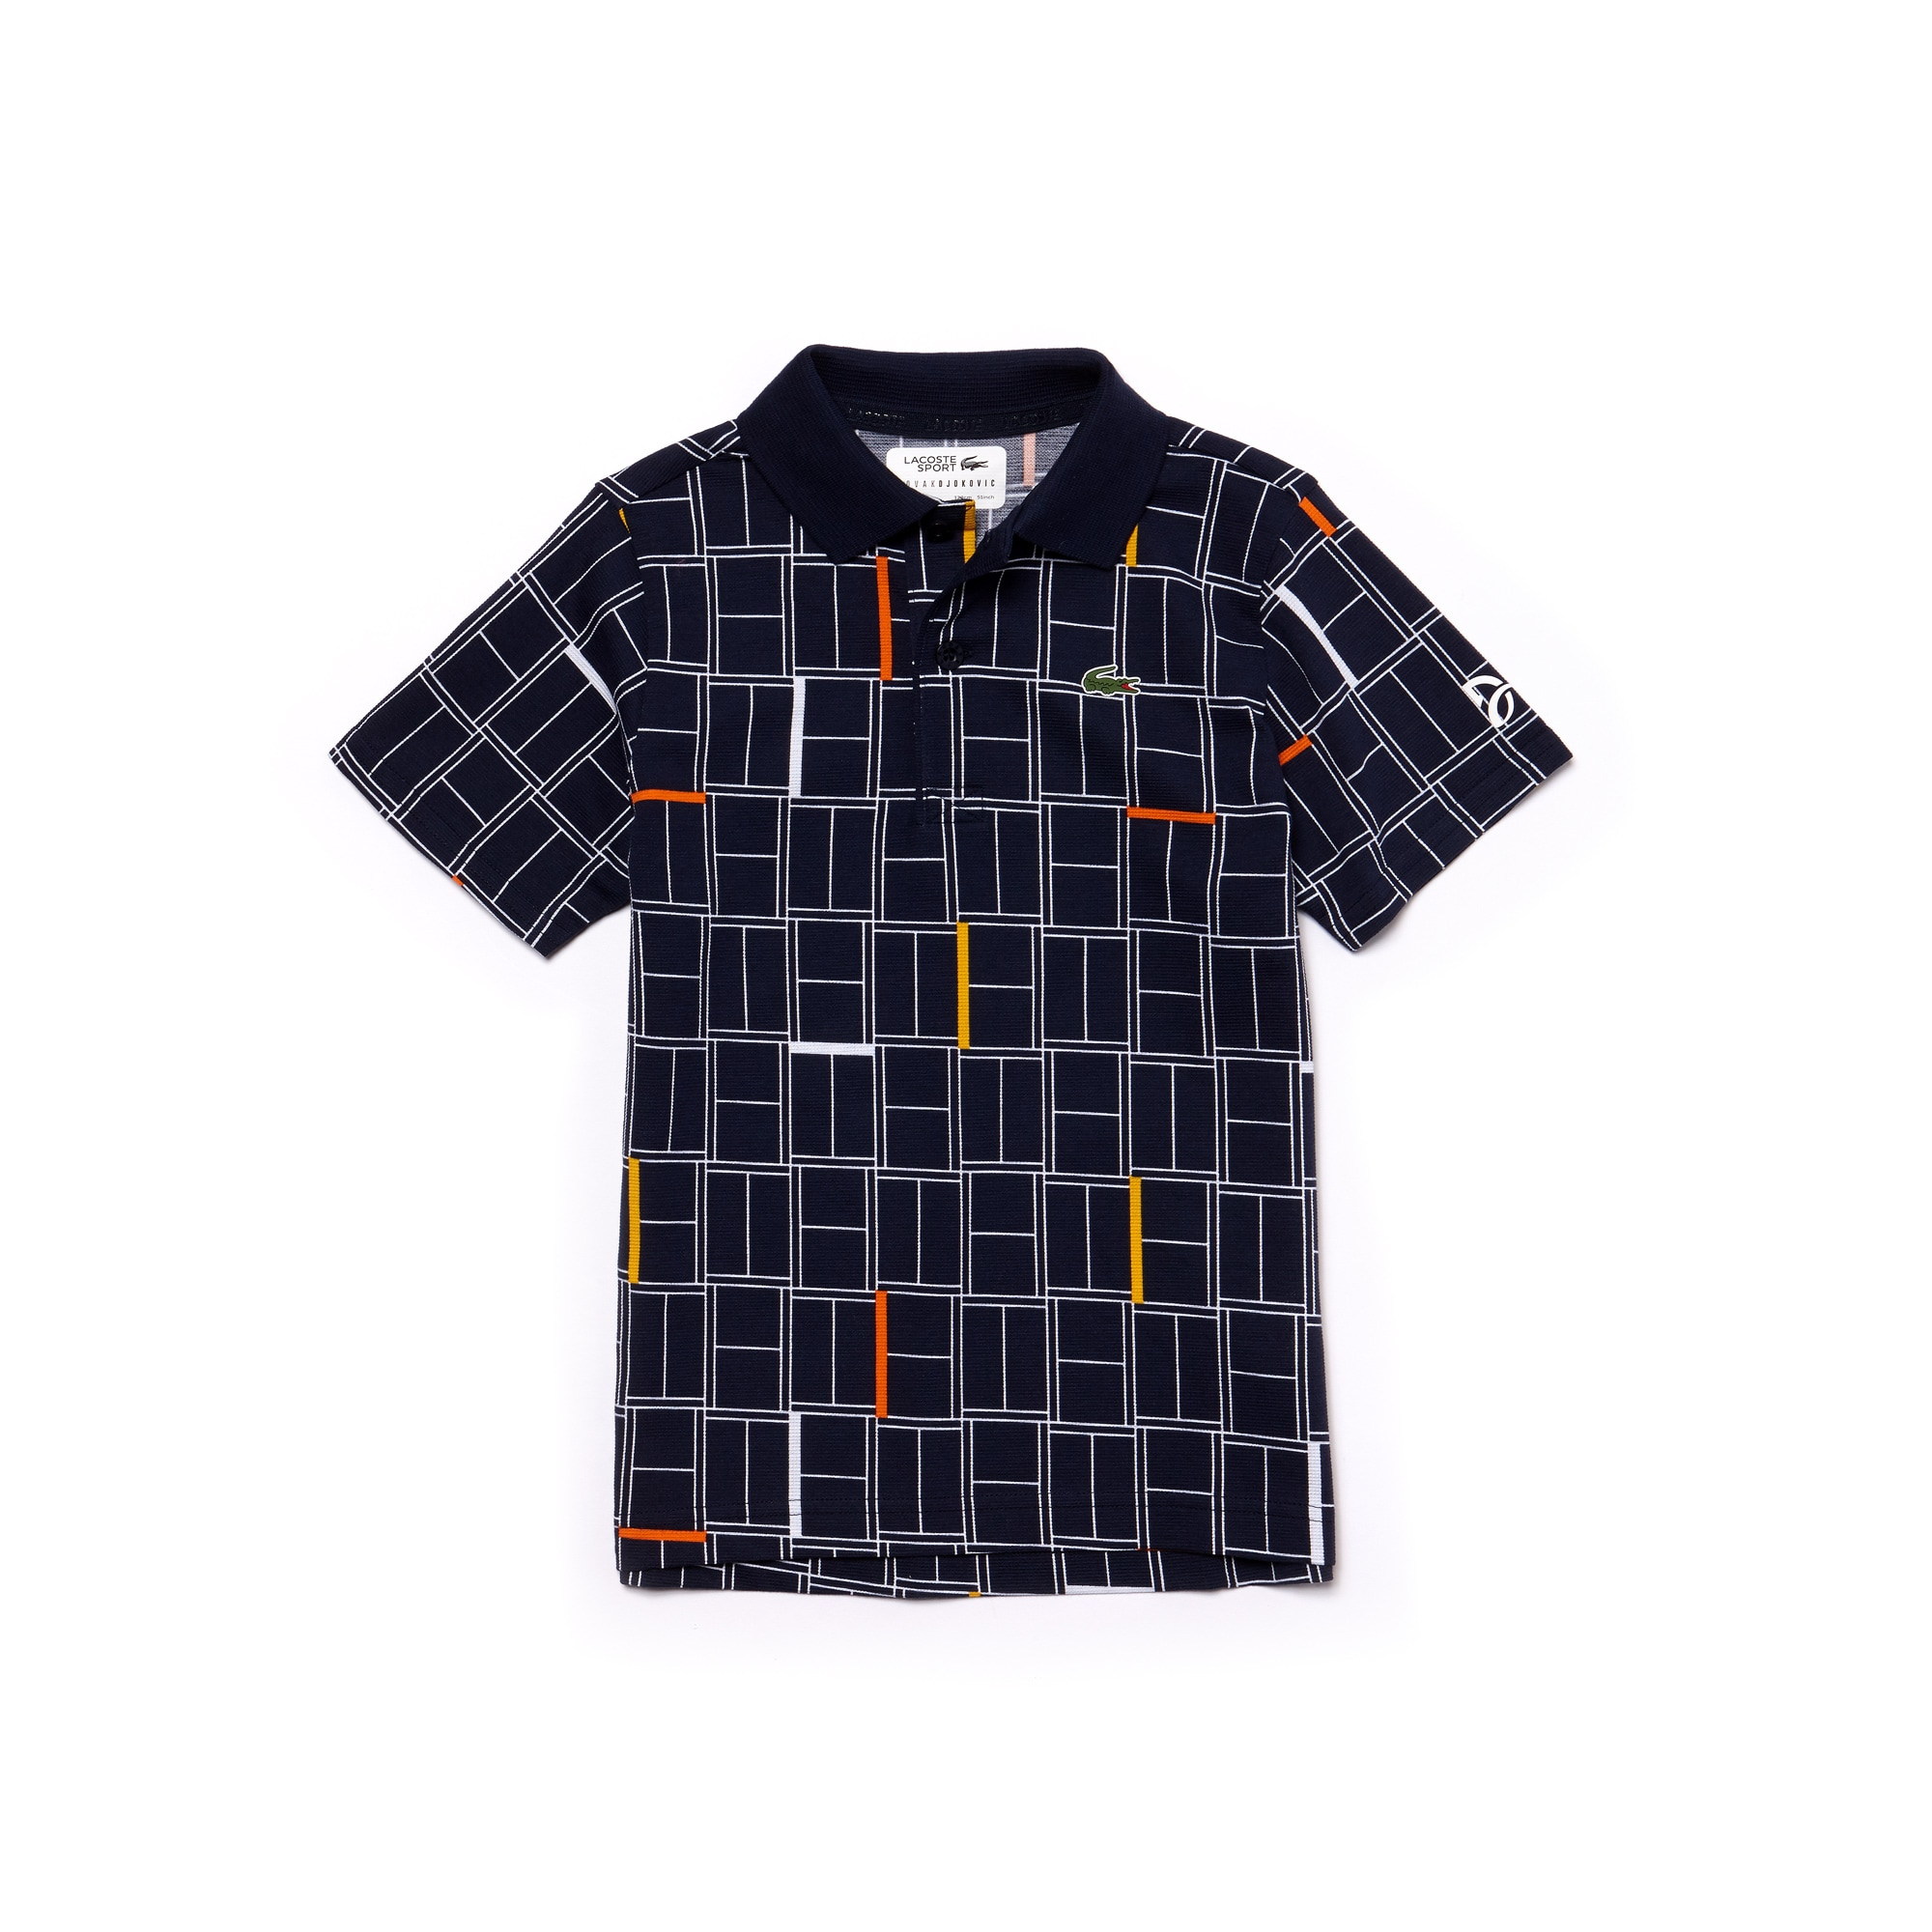 قميص البولو للأولاد بطبعة نوفاك ديوكوفيتش من لاكوست سبورت في خامة قطنية خفيفة للغاية